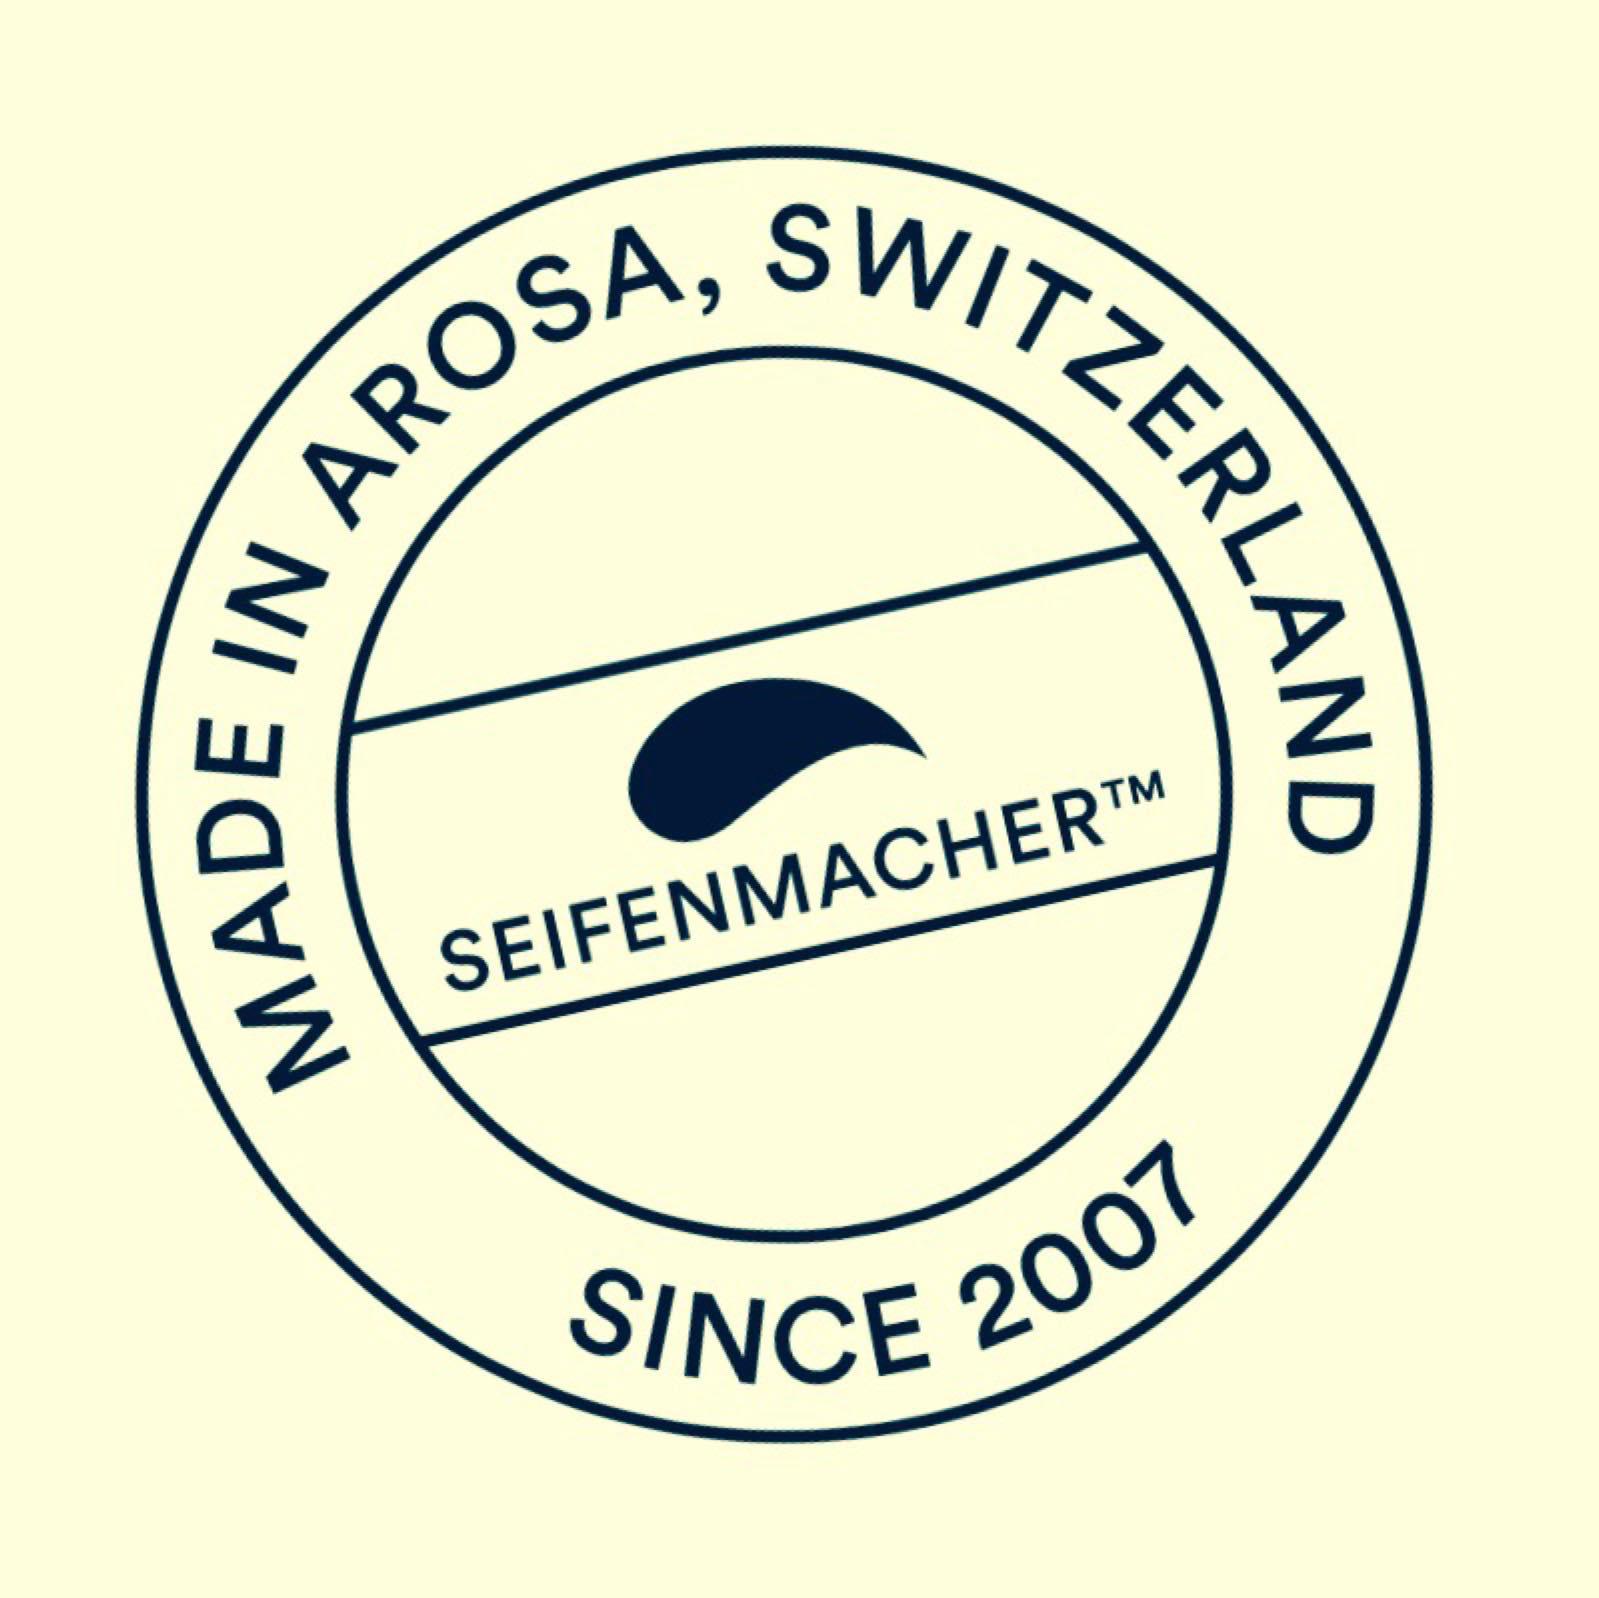 Seifenmachen logo